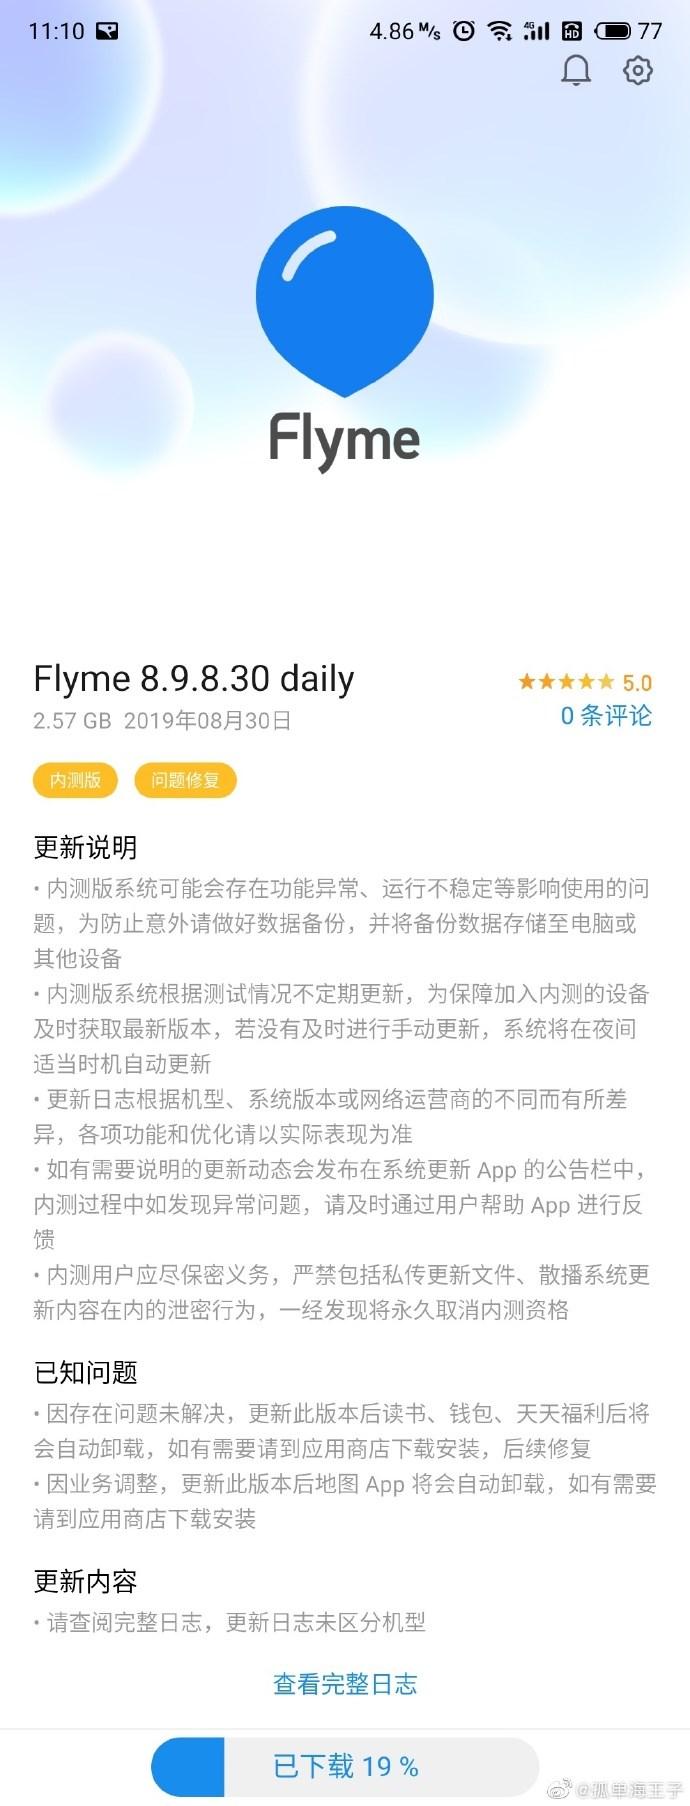 魅族Flyme8内测版面向首批用户推送,真大波更新内容!